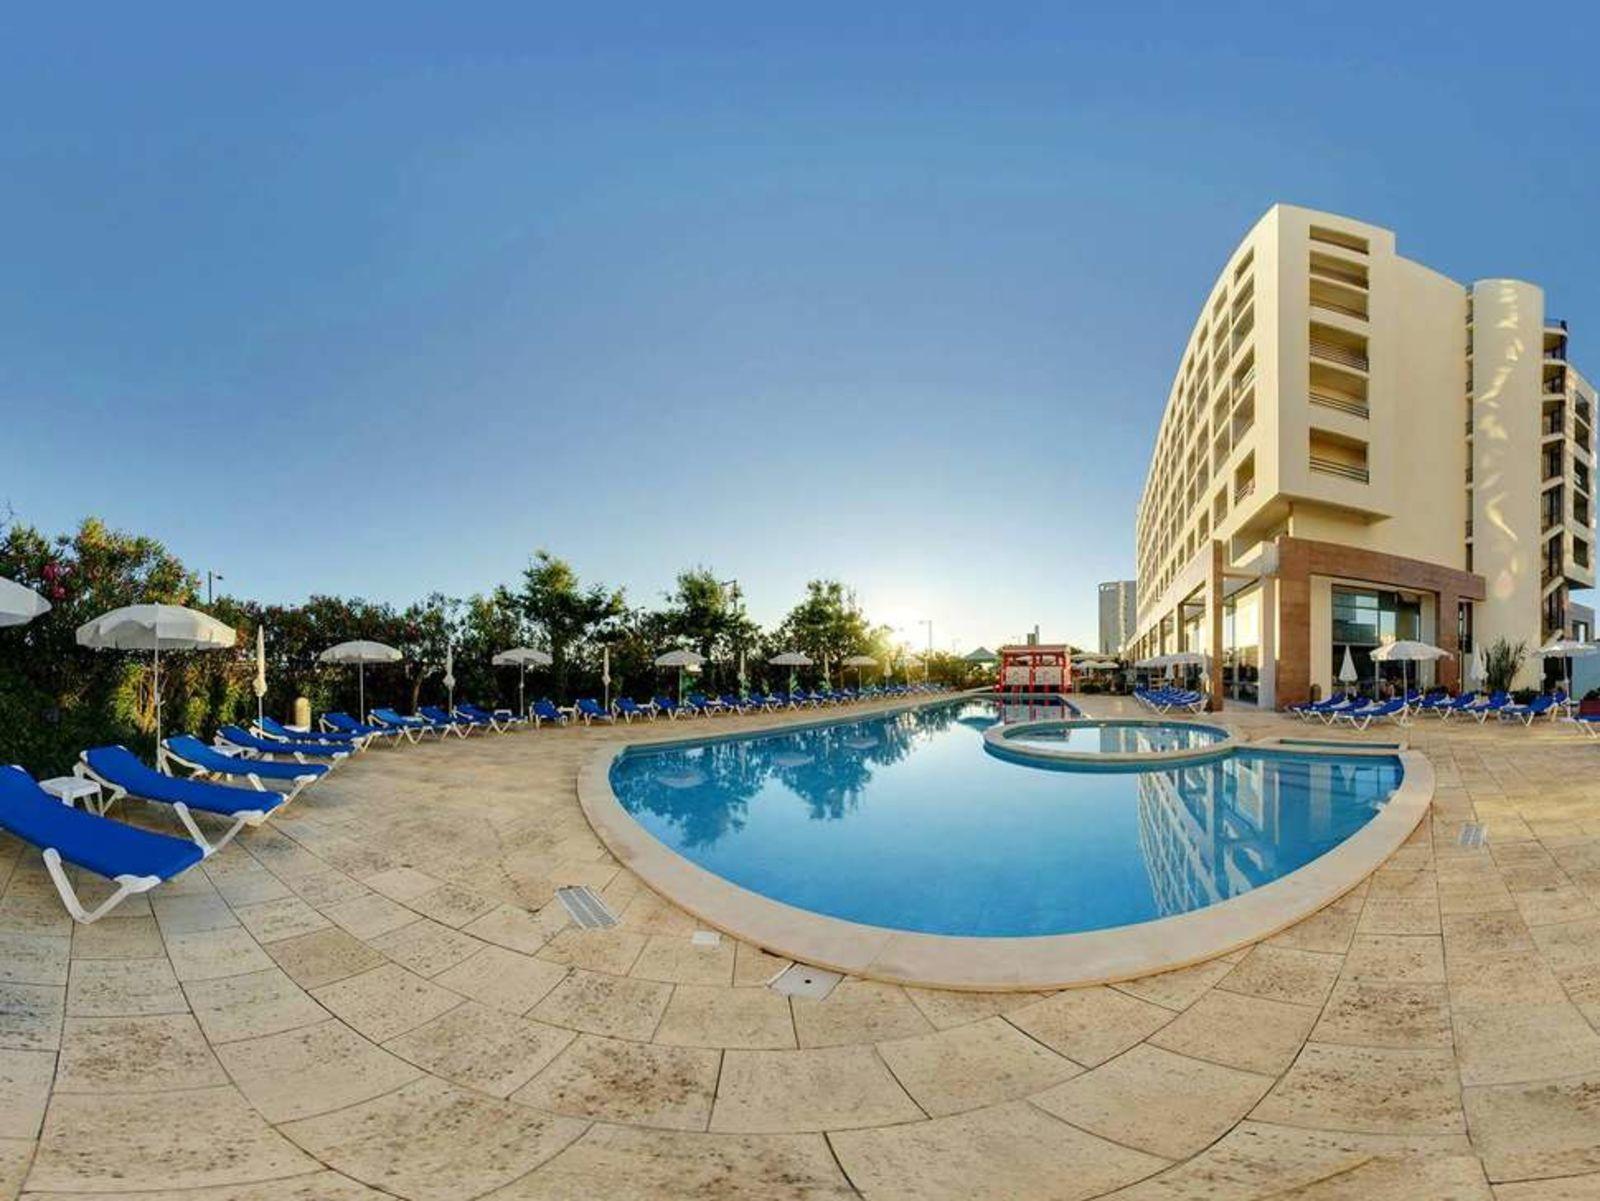 Partner, Tryp Lisboa Caparica Mar Hotel, VakantieDiscounter